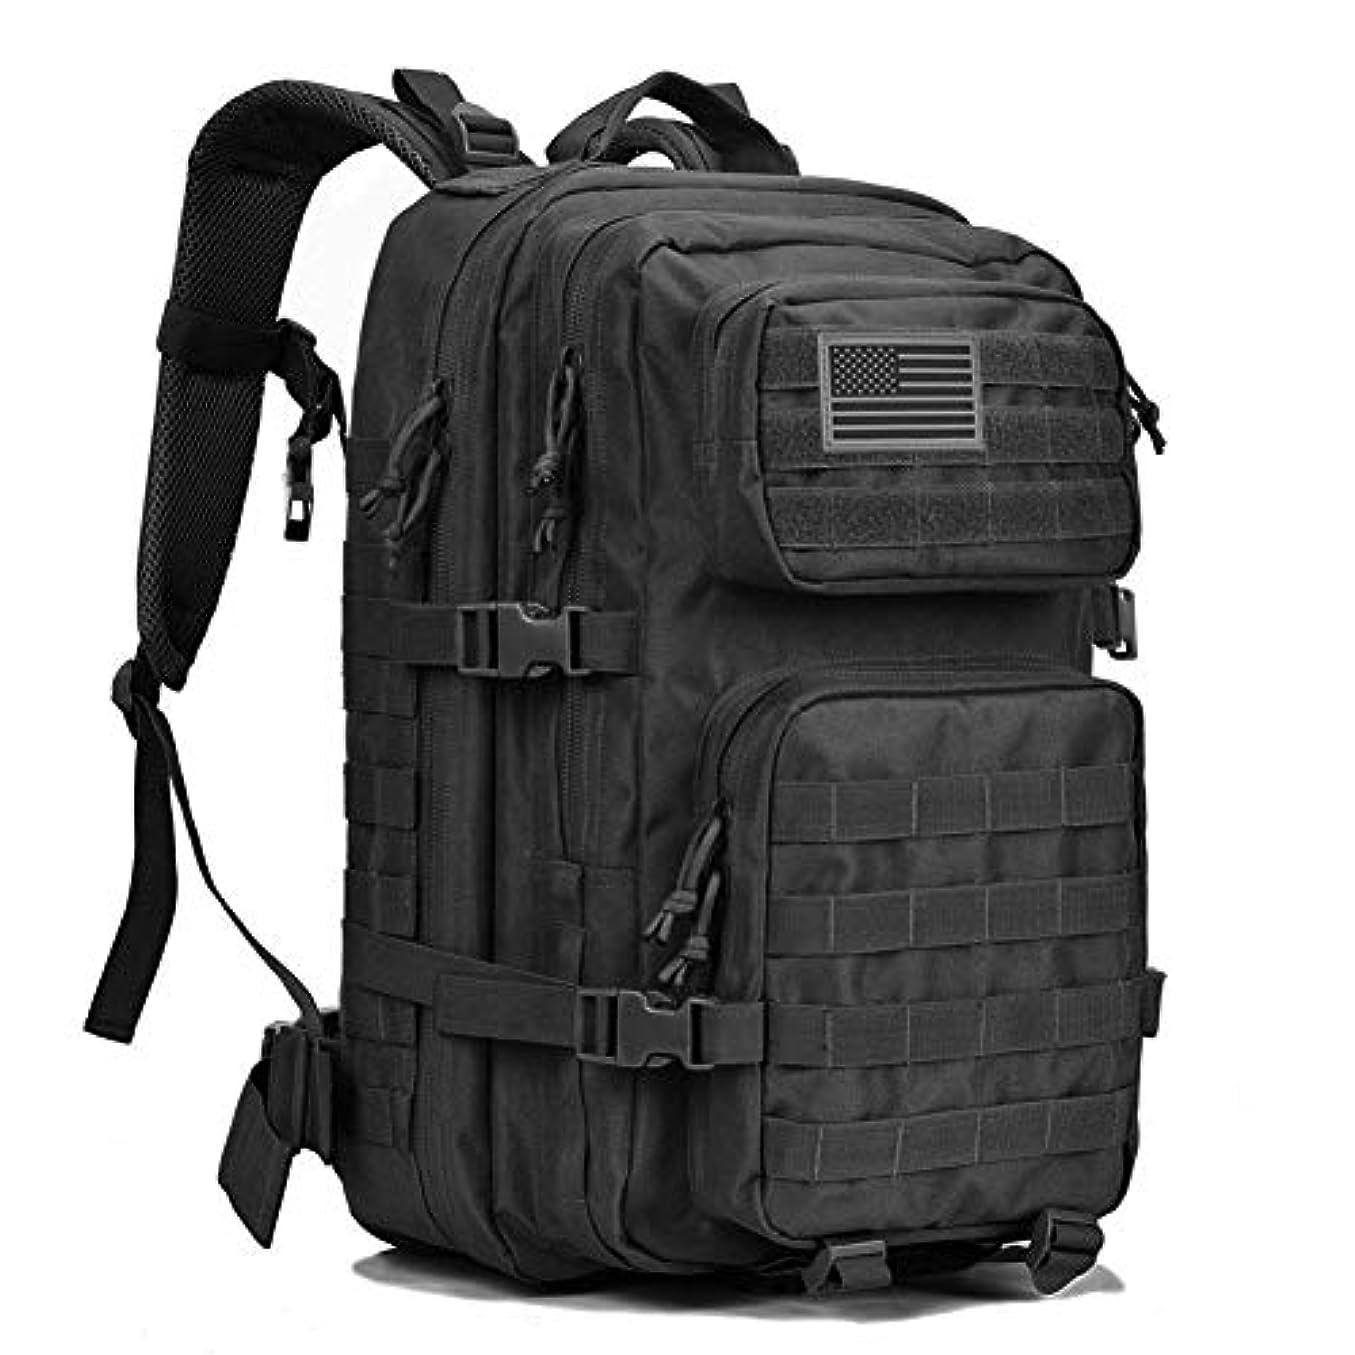 聖なるハブ裕福なREEBOW GEAR Military Tactical Backpack Large Army 3 Day Assault Pack Molle Bug Out Bag Backpacks Rucksacks for Outdoor Hiking Camping Trekking Hunting Black [並行輸入品]